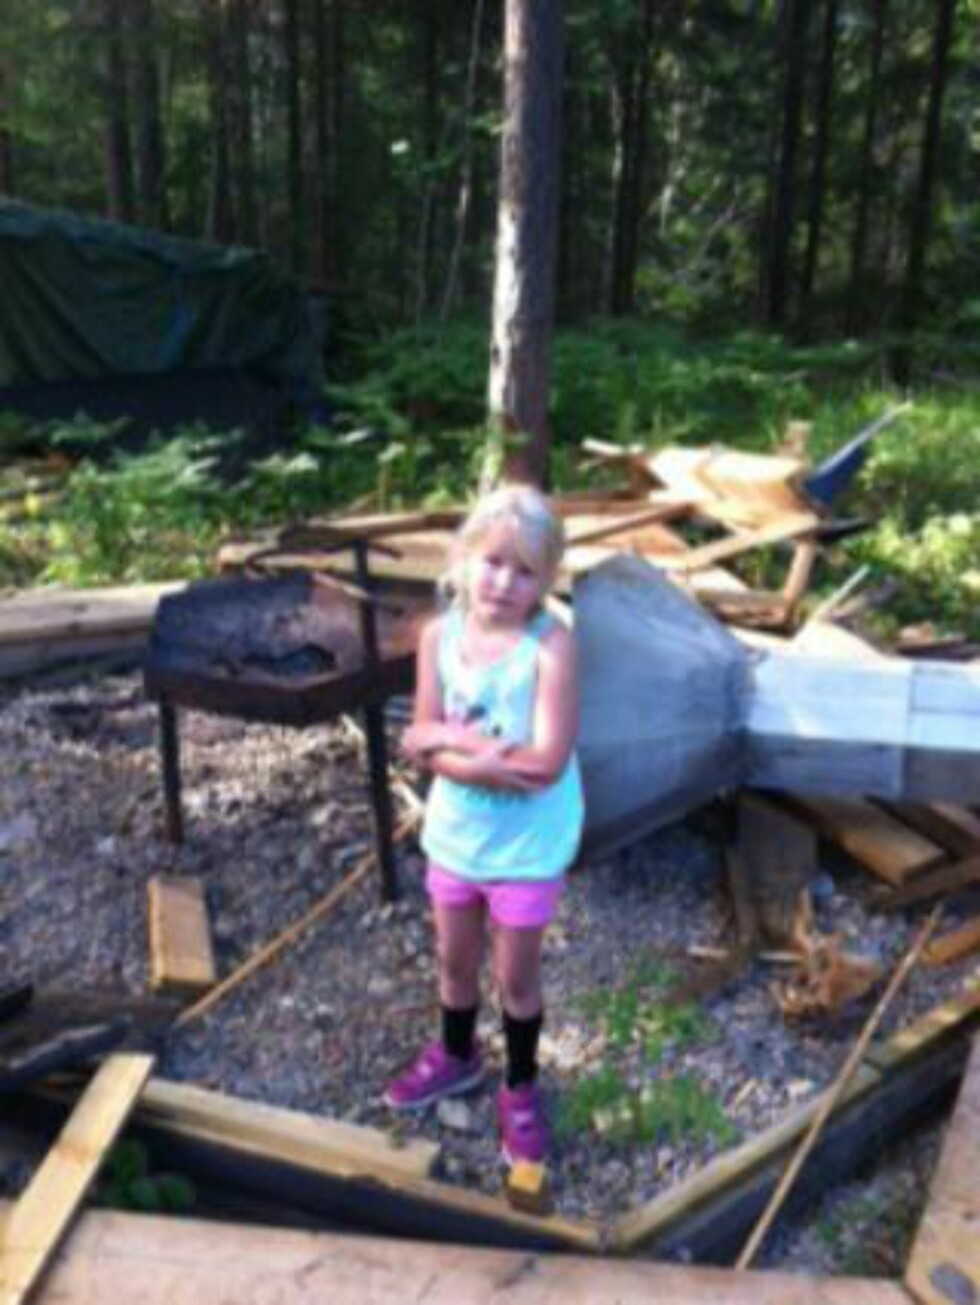 ETTER: Ronja (6) fant hytta i denne standen, og var meget lei seg. Foto: Annette Fillingsnes